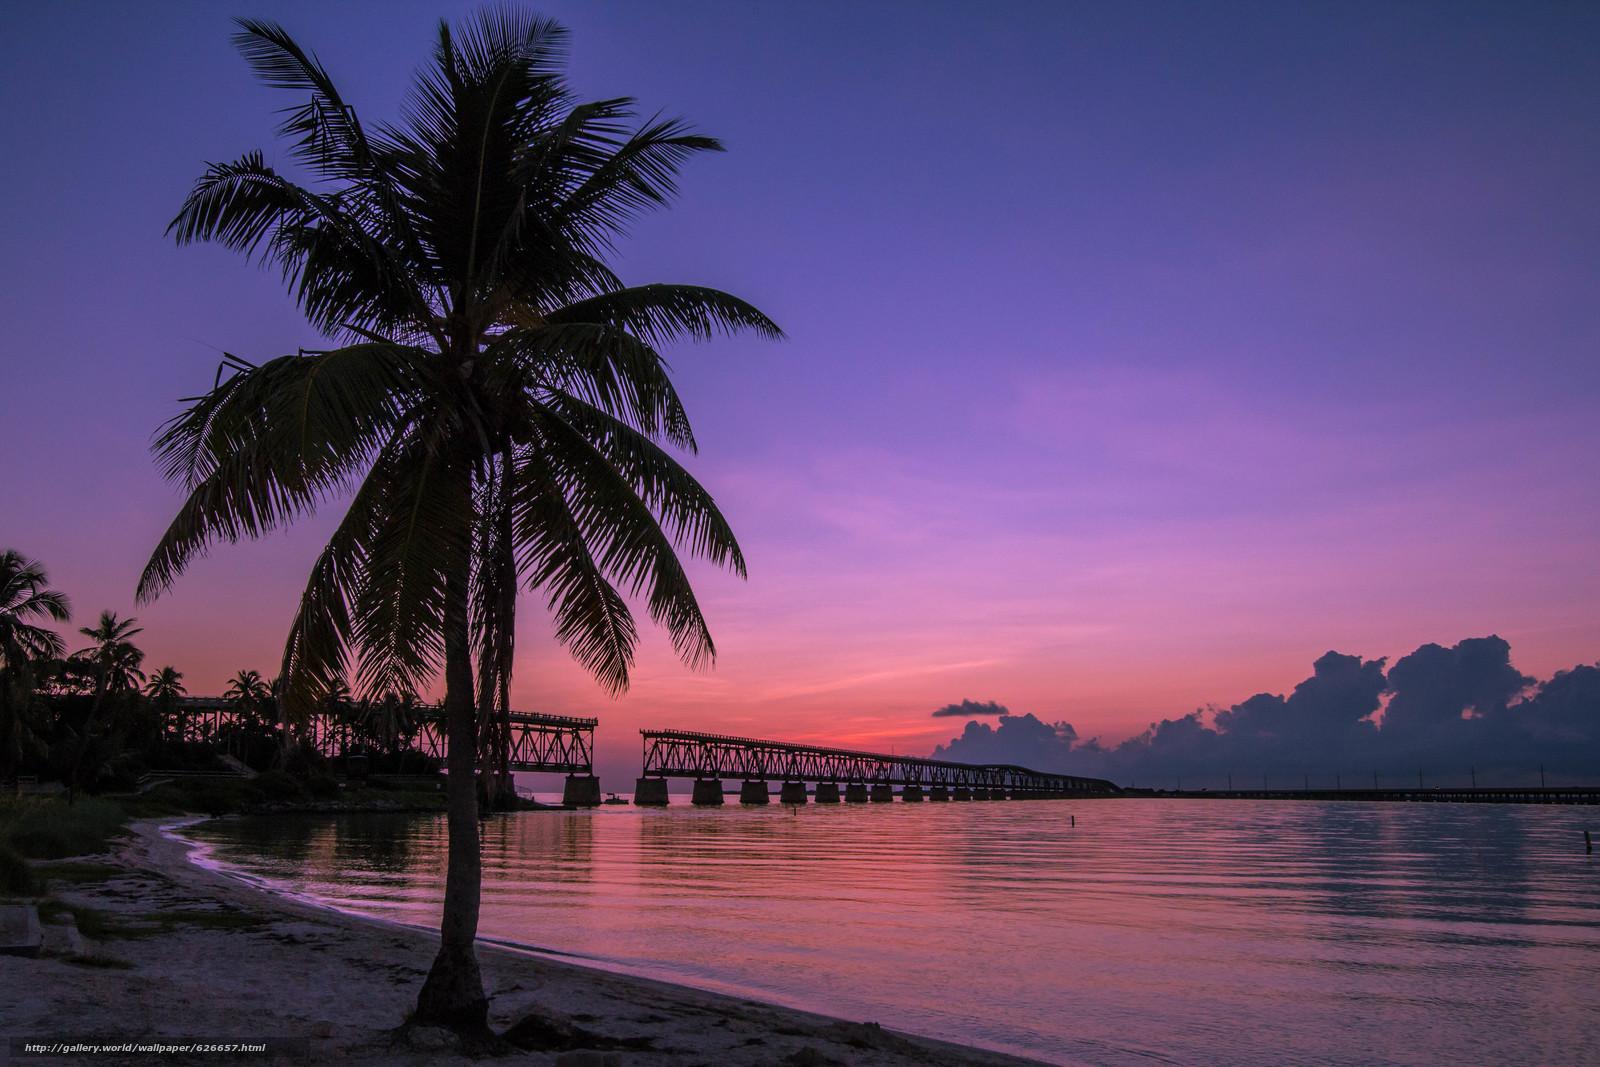 Скачать обои Bahia Honda State Park,  Old Bahia Honda Railroad Bridge,  Баия Хонда Парк,  штат Флорида бесплатно для рабочего стола в разрешении 4831x3221 — картинка №626657